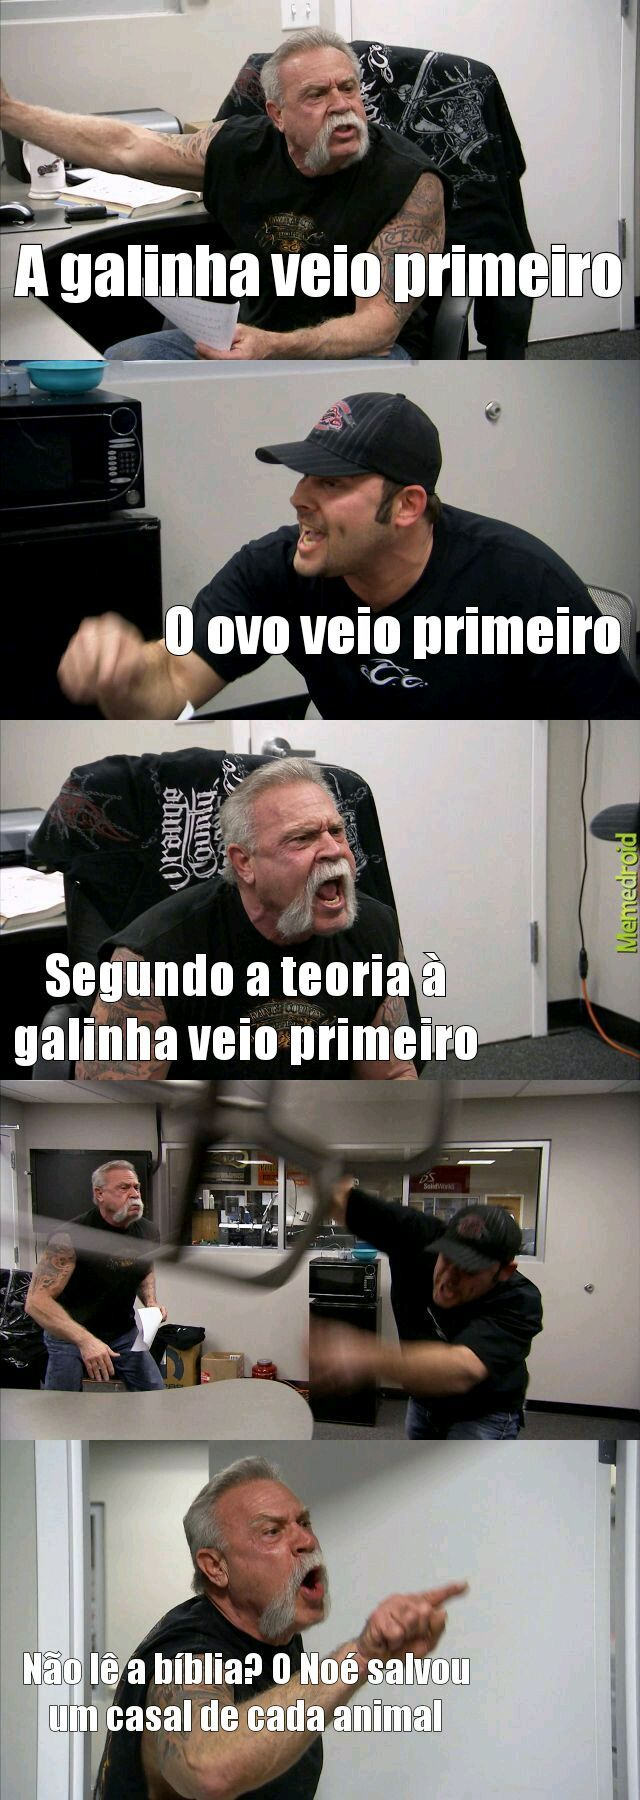 Teimoso - meme